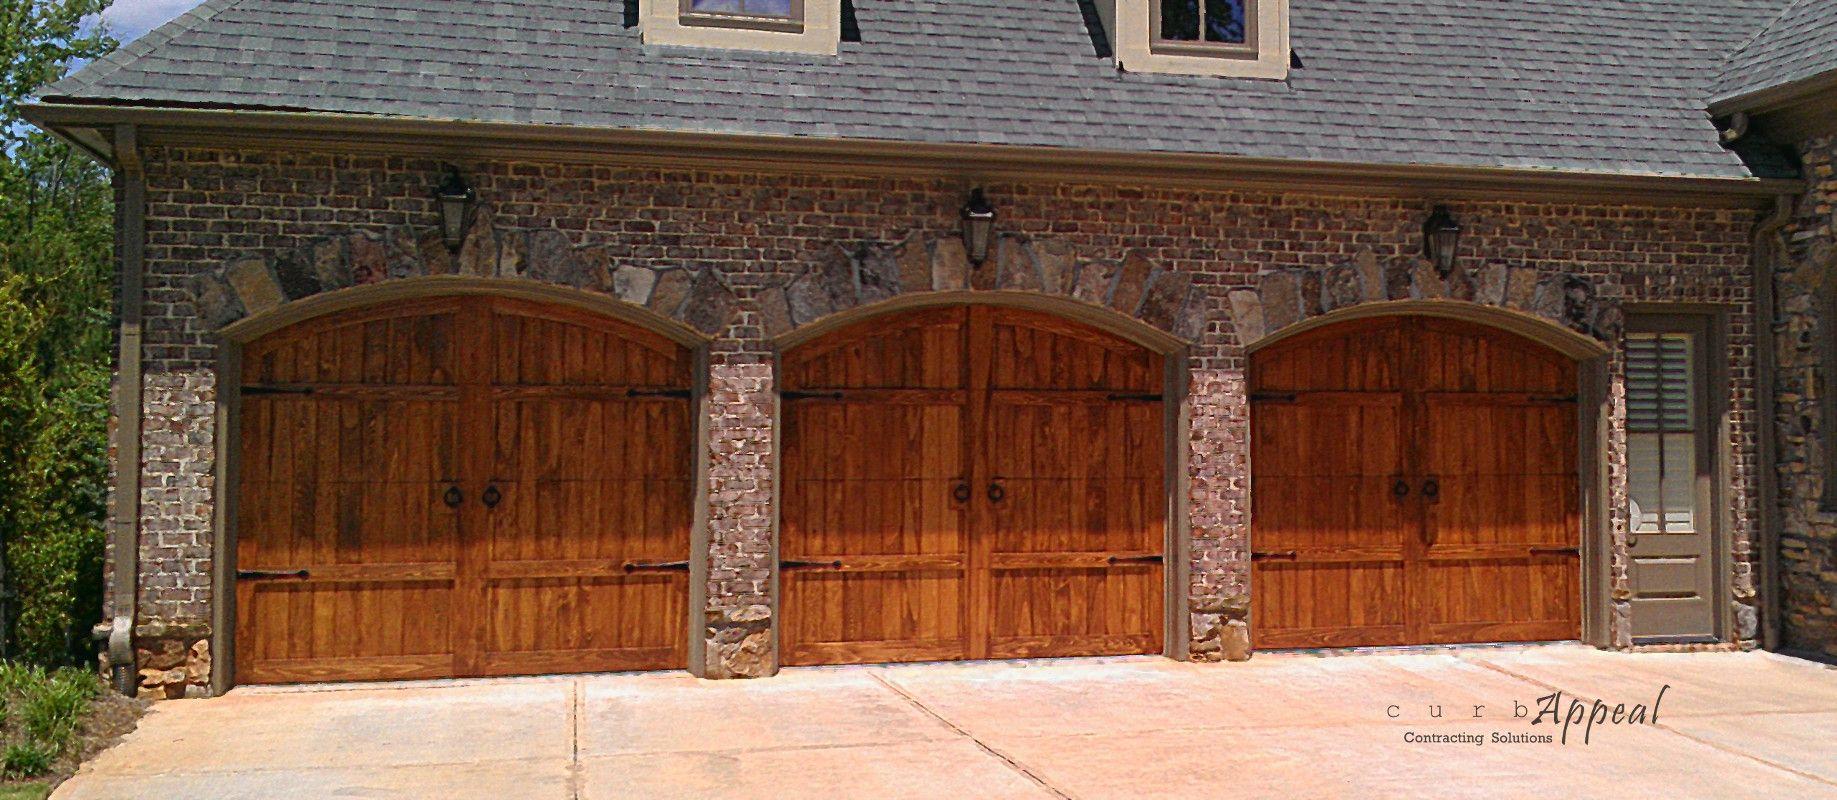 Garage Door Photos Garage Door Before Refacing Refaced Carriage Style Garage Door Shop Doors Garage Doors Carriage Style Garage Doors